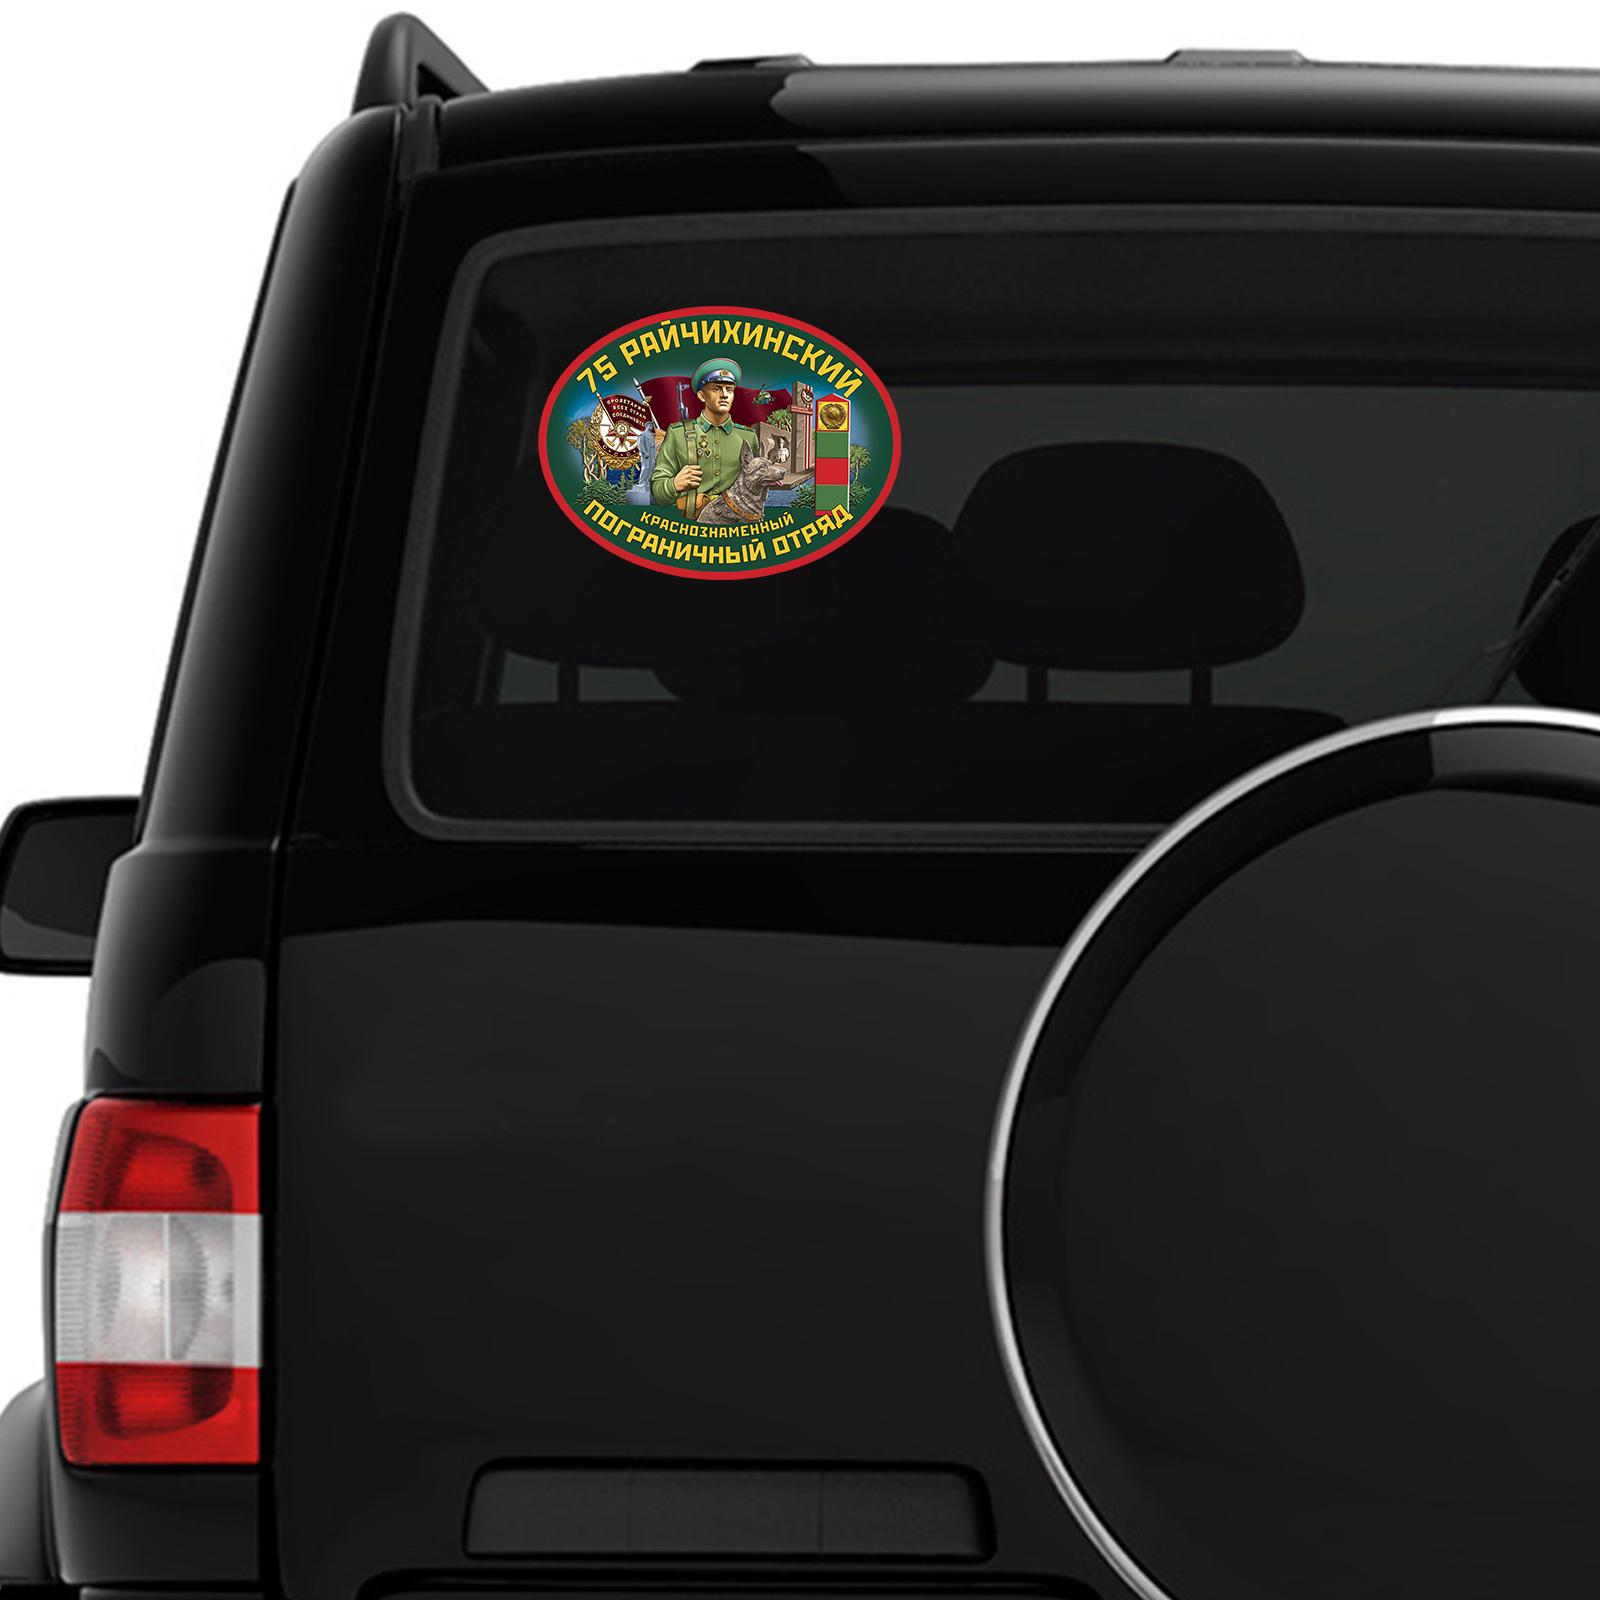 Наклейка на авто 75 Райчихинский пограничный отряд